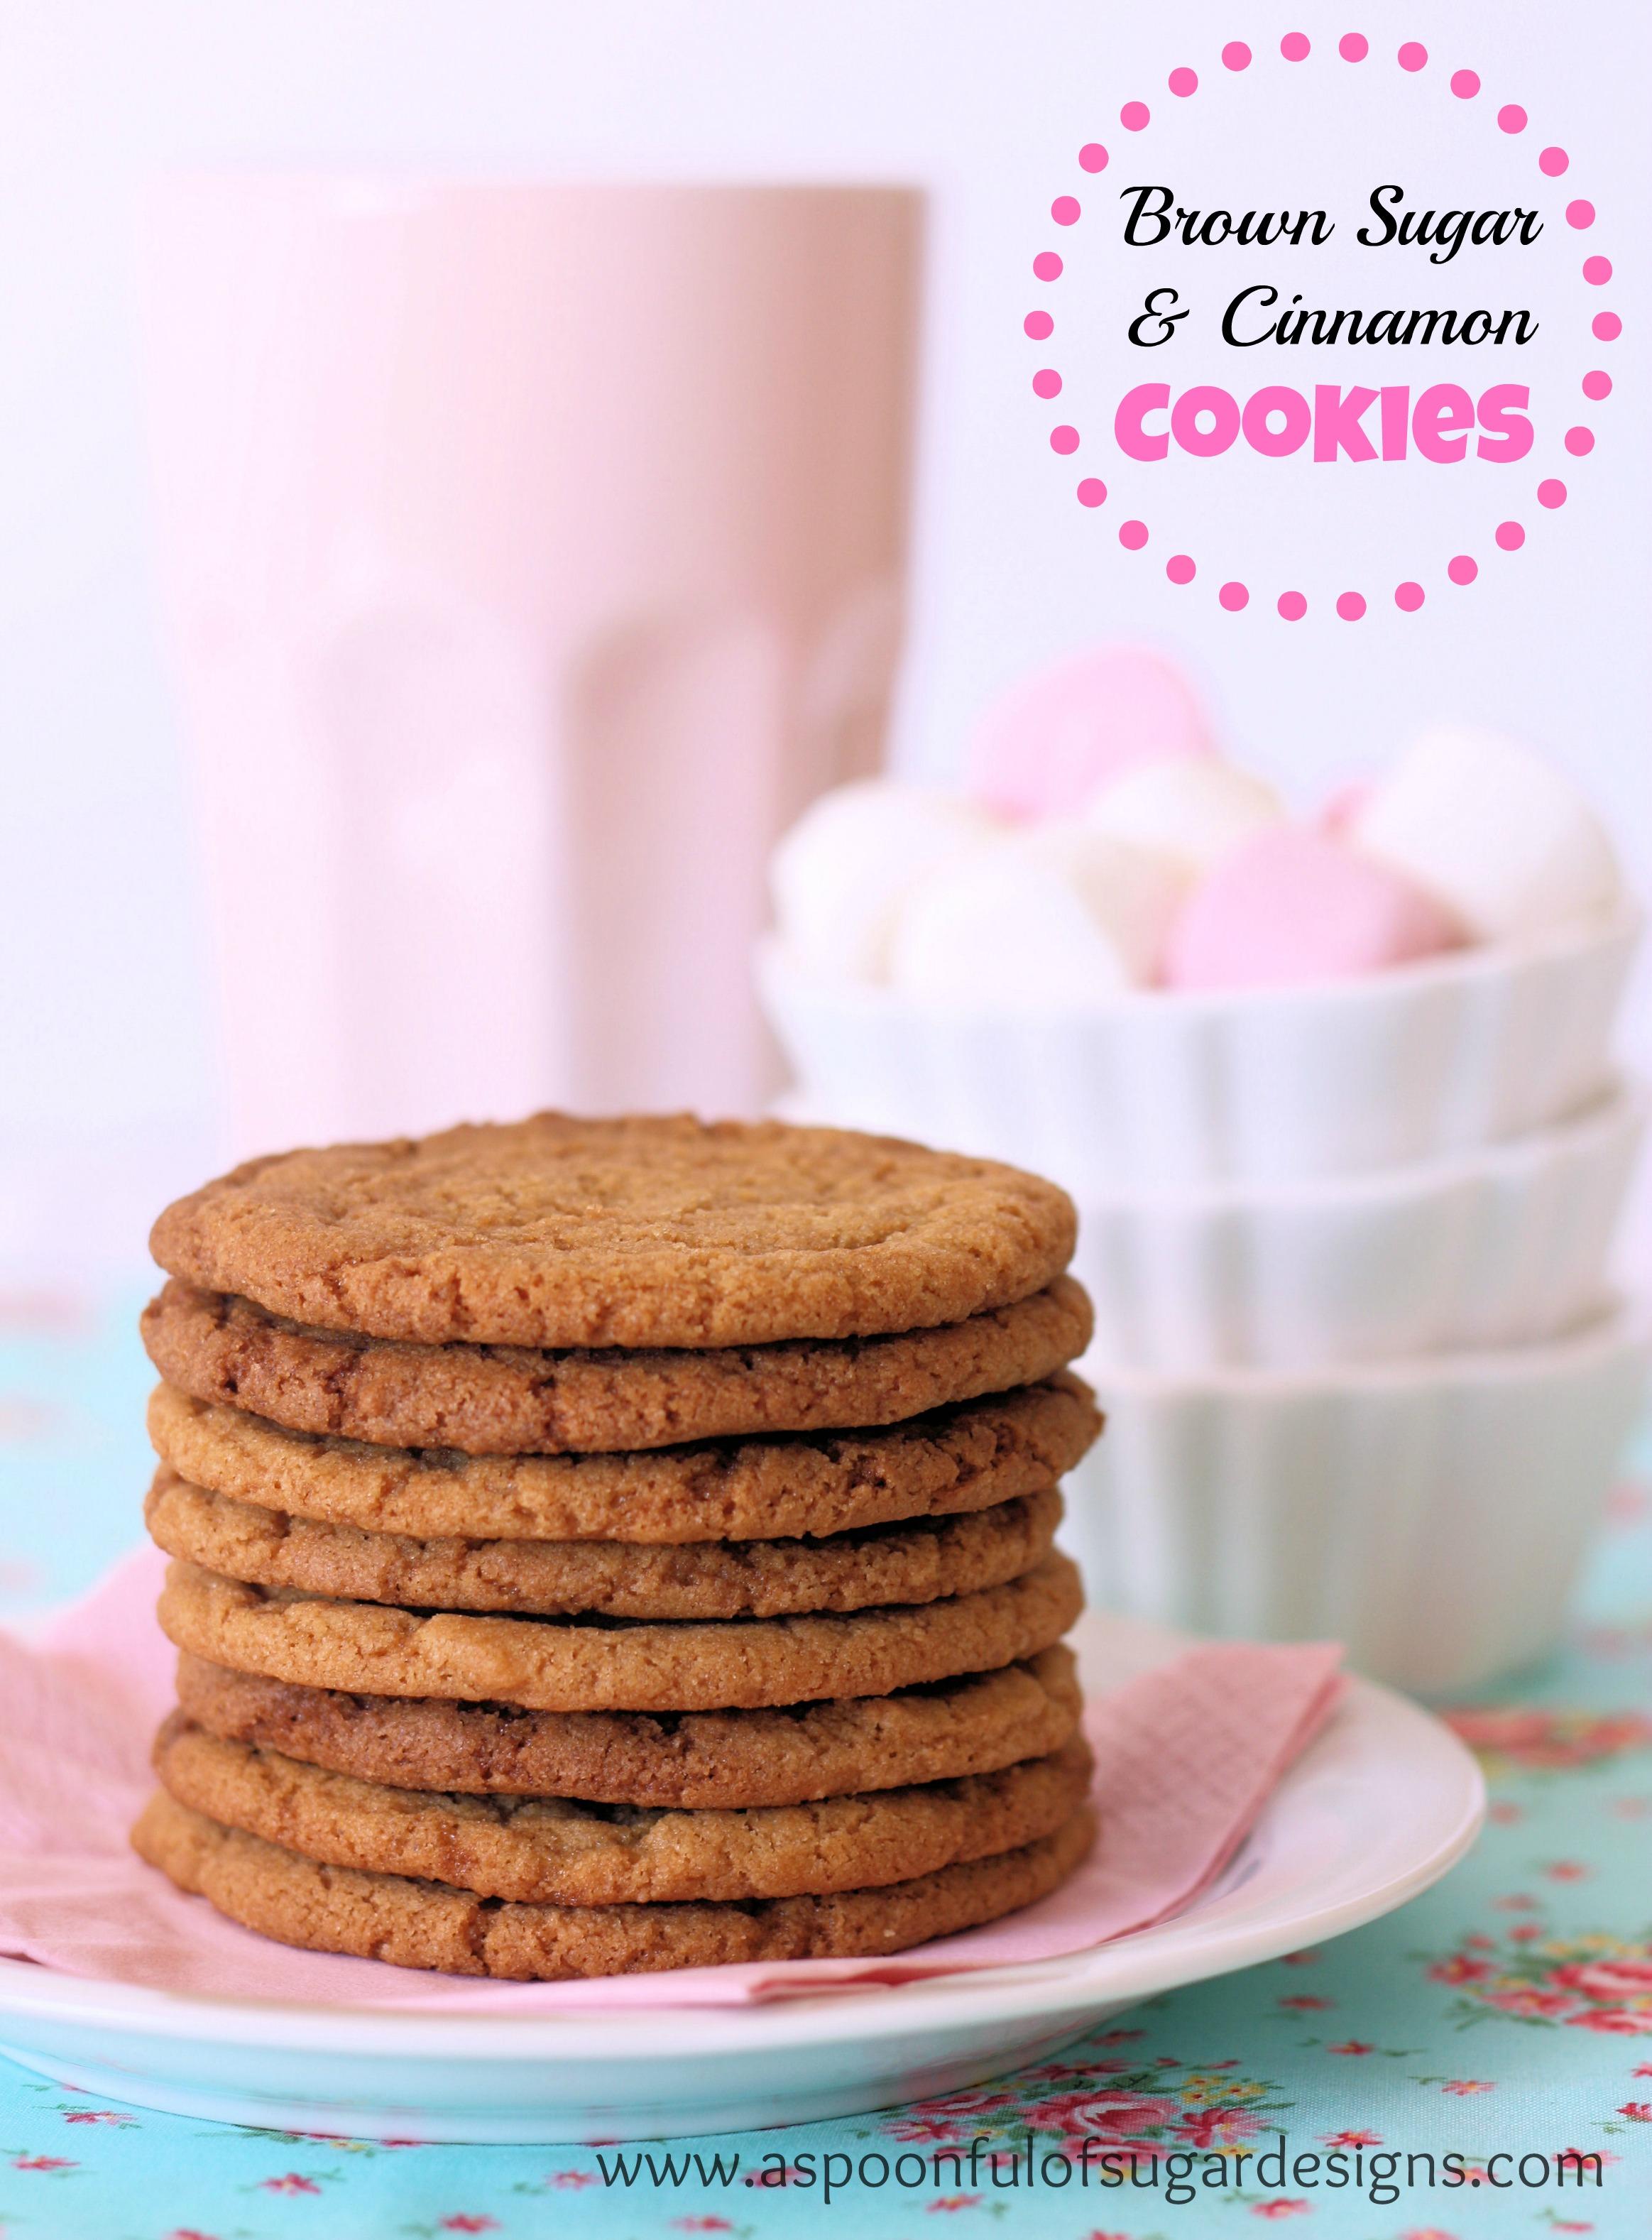 Brown Sugar and Cinnamon Cookies